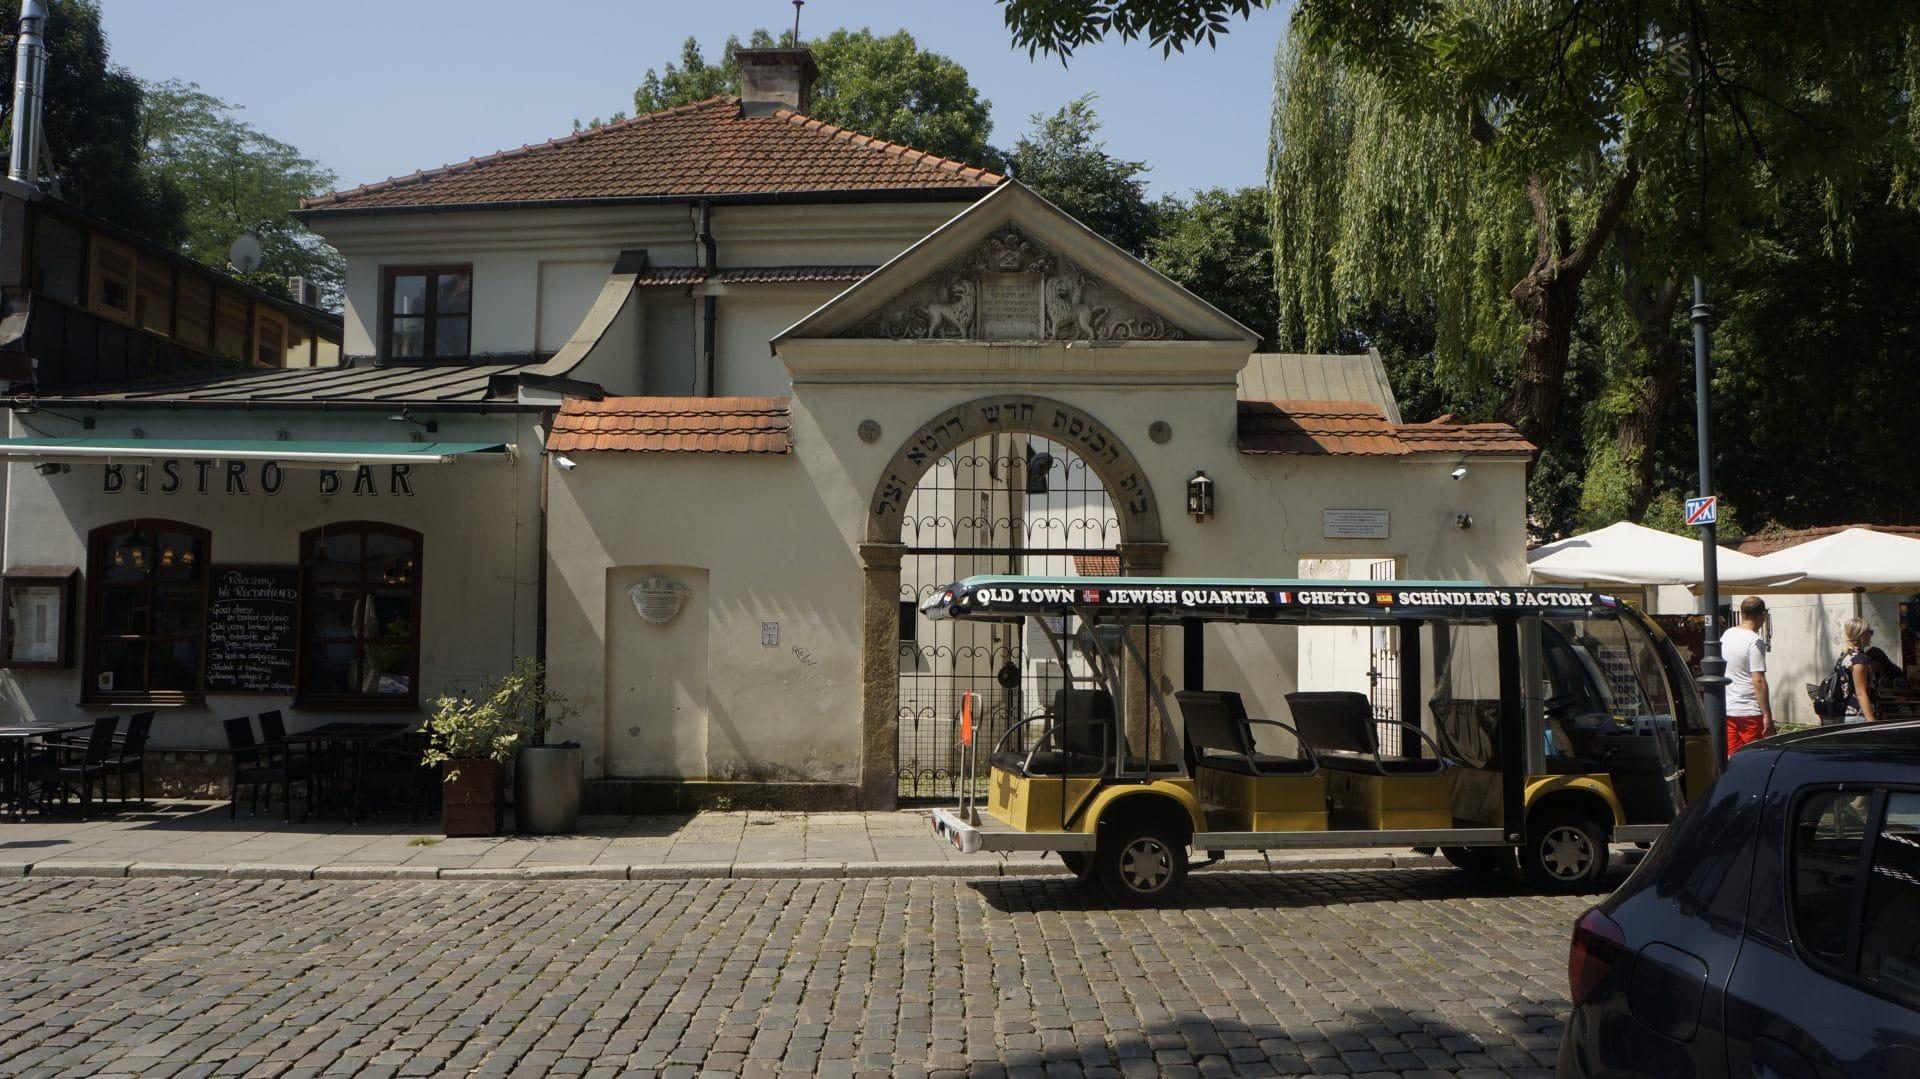 Synagoga Remu na krakowskim Kazimierzu. Ufundował ją Izrael Isserl, a rabinem był w niej jego syn Mojżesz Isserl. Nazwa pochodzi od jego przydomka, gdyż mówiono o nim REMU.